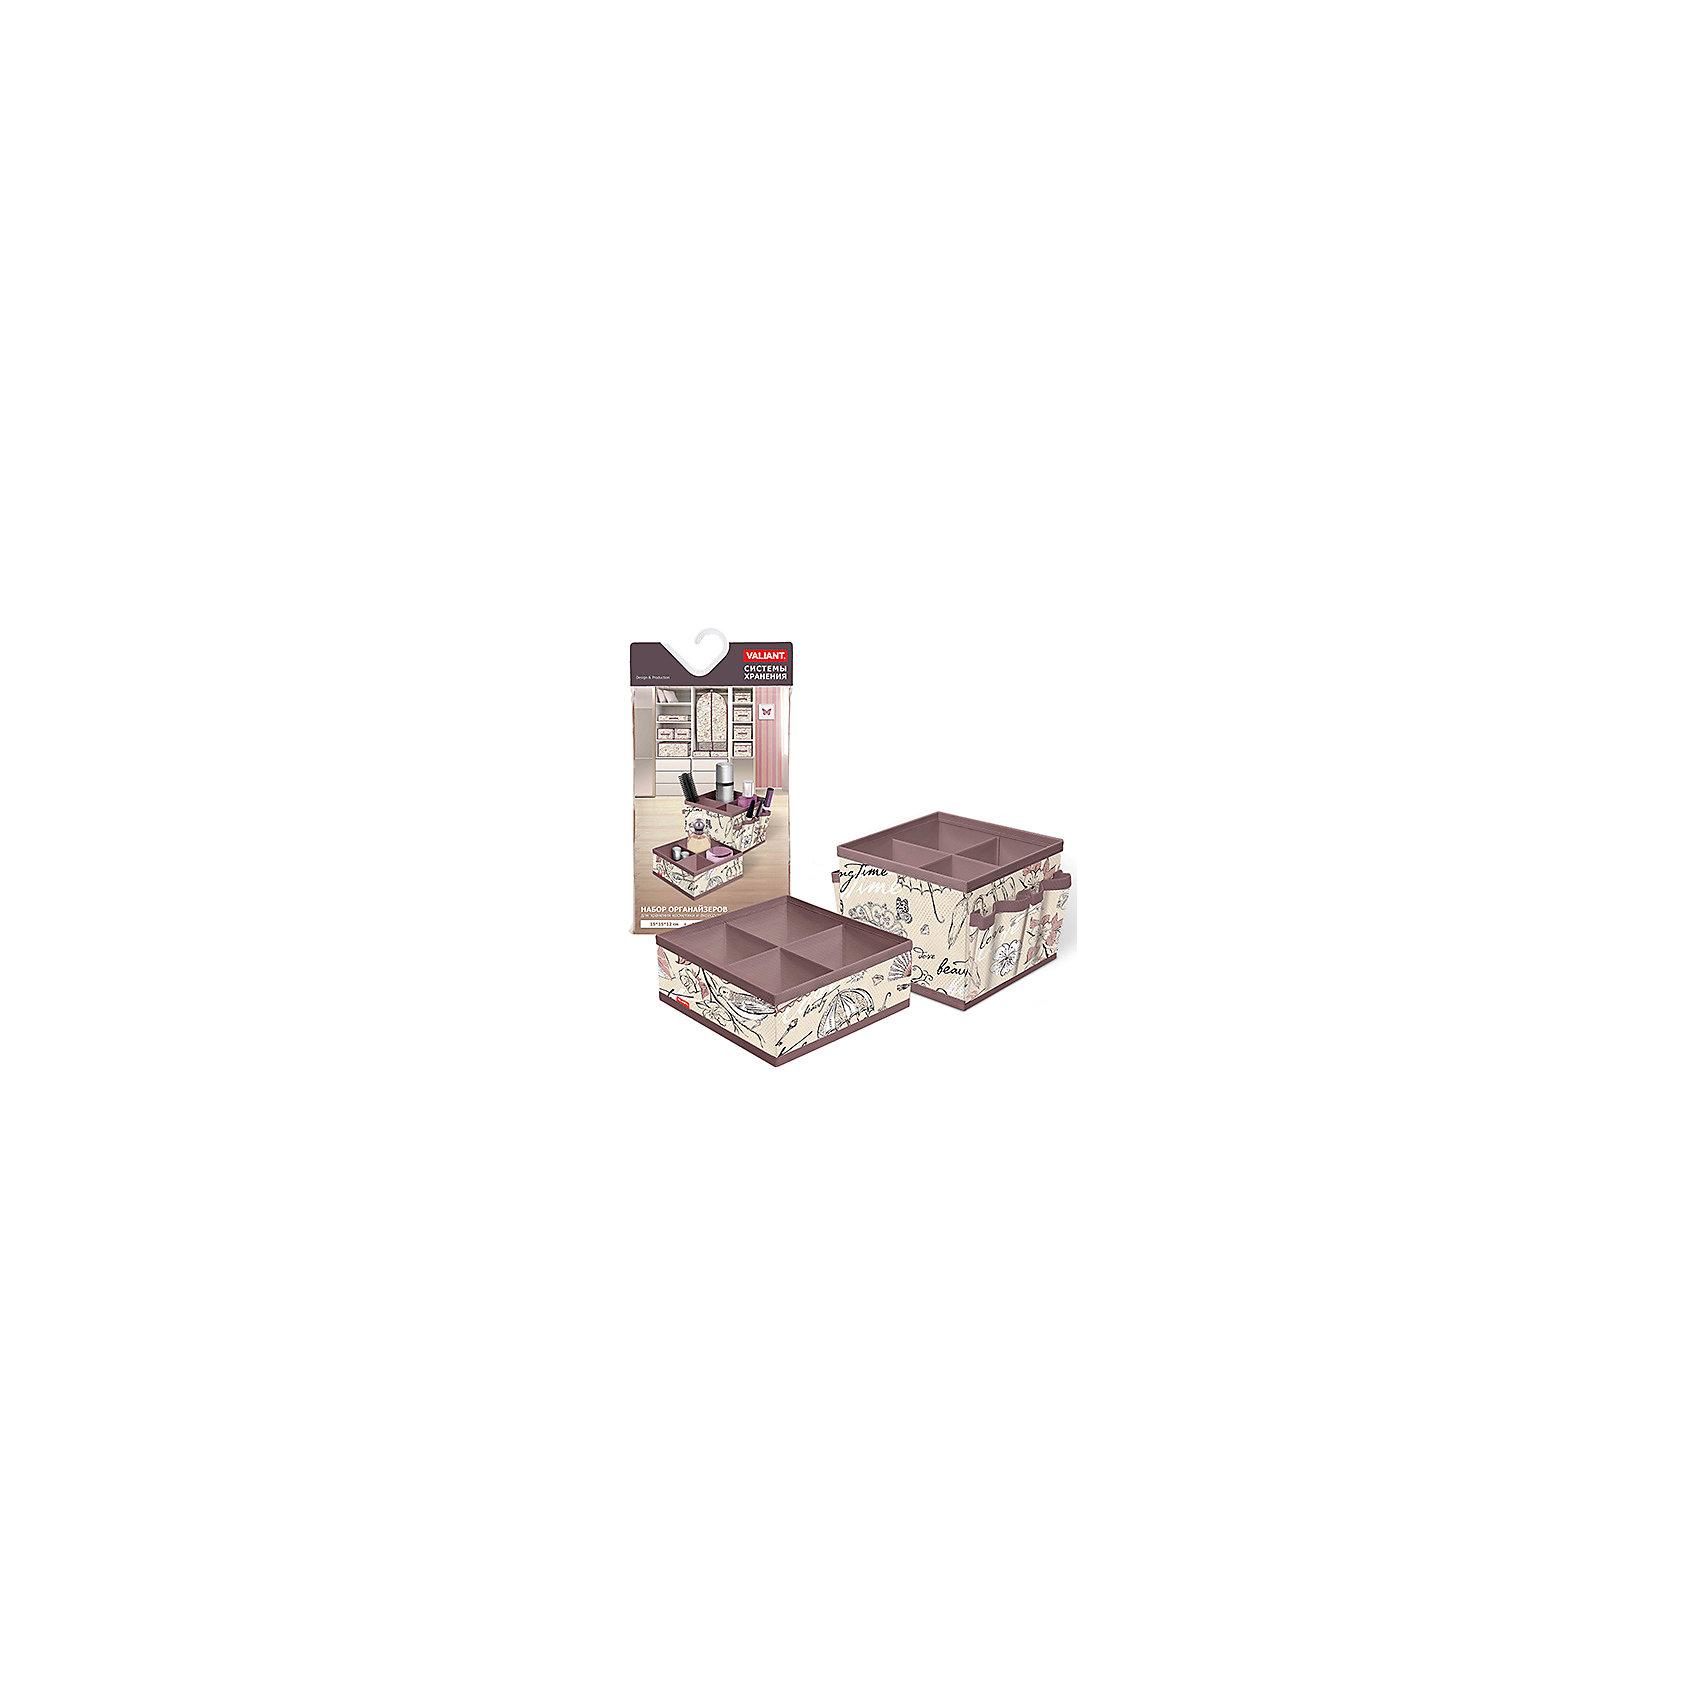 Набор оганайзеров для косметики и аксессуаров, 2 шт., ROMANTIC, ValiantНабор оганайзеров для косметики и аксессуаров, 2 шт., ROMANTIC, Valiant (Валиант) - станет надежным помощником в Вашем комоде и на туалетном столике.<br>Набор ROMANTIC от Valiant (Валиант) состоит из двух органайзеров для хранения косметики и аксессуаров. Изделия выполнены из высококачественного нетканого материала (спанбонда). Вставки из плотного картона хорошо держат форму. Мягкие перегородки образуют четыре секции для хранения разнообразной косметики. Наружные кармашки позволяют удобно хранить мелкие аксессуары. Изделия отличаются мобильностью: легко раскладываются и складываются. Набор органайзеров для косметики и аксессуаров Romantic поможет привести элементы женского туалета в порядок. Органайзеры ROMANTIC от Valiant (Валиант) оформлены оригинальным нежным, изящным рисунком. Они создадут трогательную атмосферу романтического настроения и станут незаменимыми аксессуарами.<br><br>Дополнительная информация:<br><br>- В наборе 2 органайзера размерами: 15х15х7 см, 15х15х12 см.<br>- Материал: нетканый материал, картон<br>- Цвет: пепельно-розовый, сиреневый<br><br>Набор оганайзеров для косметики и аксессуаров, 2 шт., ROMANTIC, Valiant (Валиант) можно купить в нашем интернет-магазине.<br><br>Ширина мм: 195<br>Глубина мм: 15<br>Высота мм: 330<br>Вес г: 233<br>Возраст от месяцев: 36<br>Возраст до месяцев: 1080<br>Пол: Унисекс<br>Возраст: Детский<br>SKU: 4993466